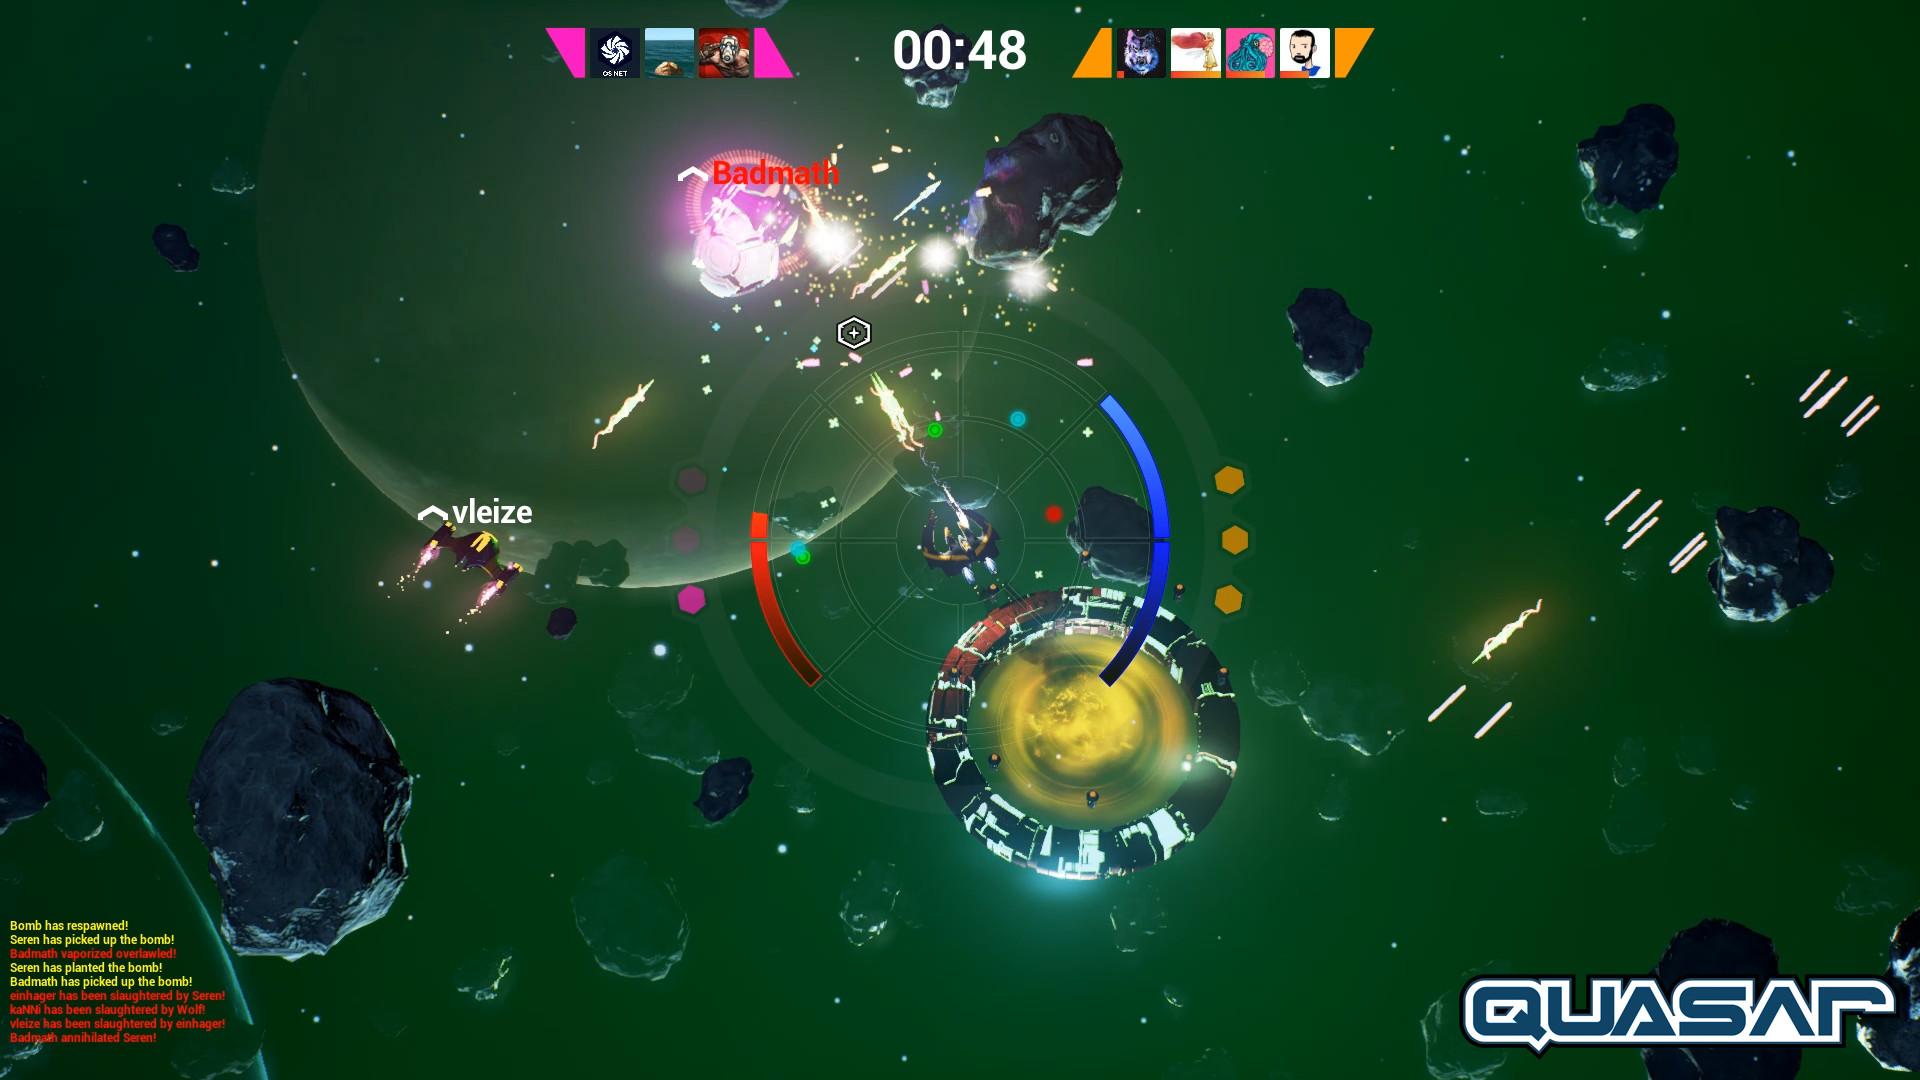 Quasar Gaming App Download